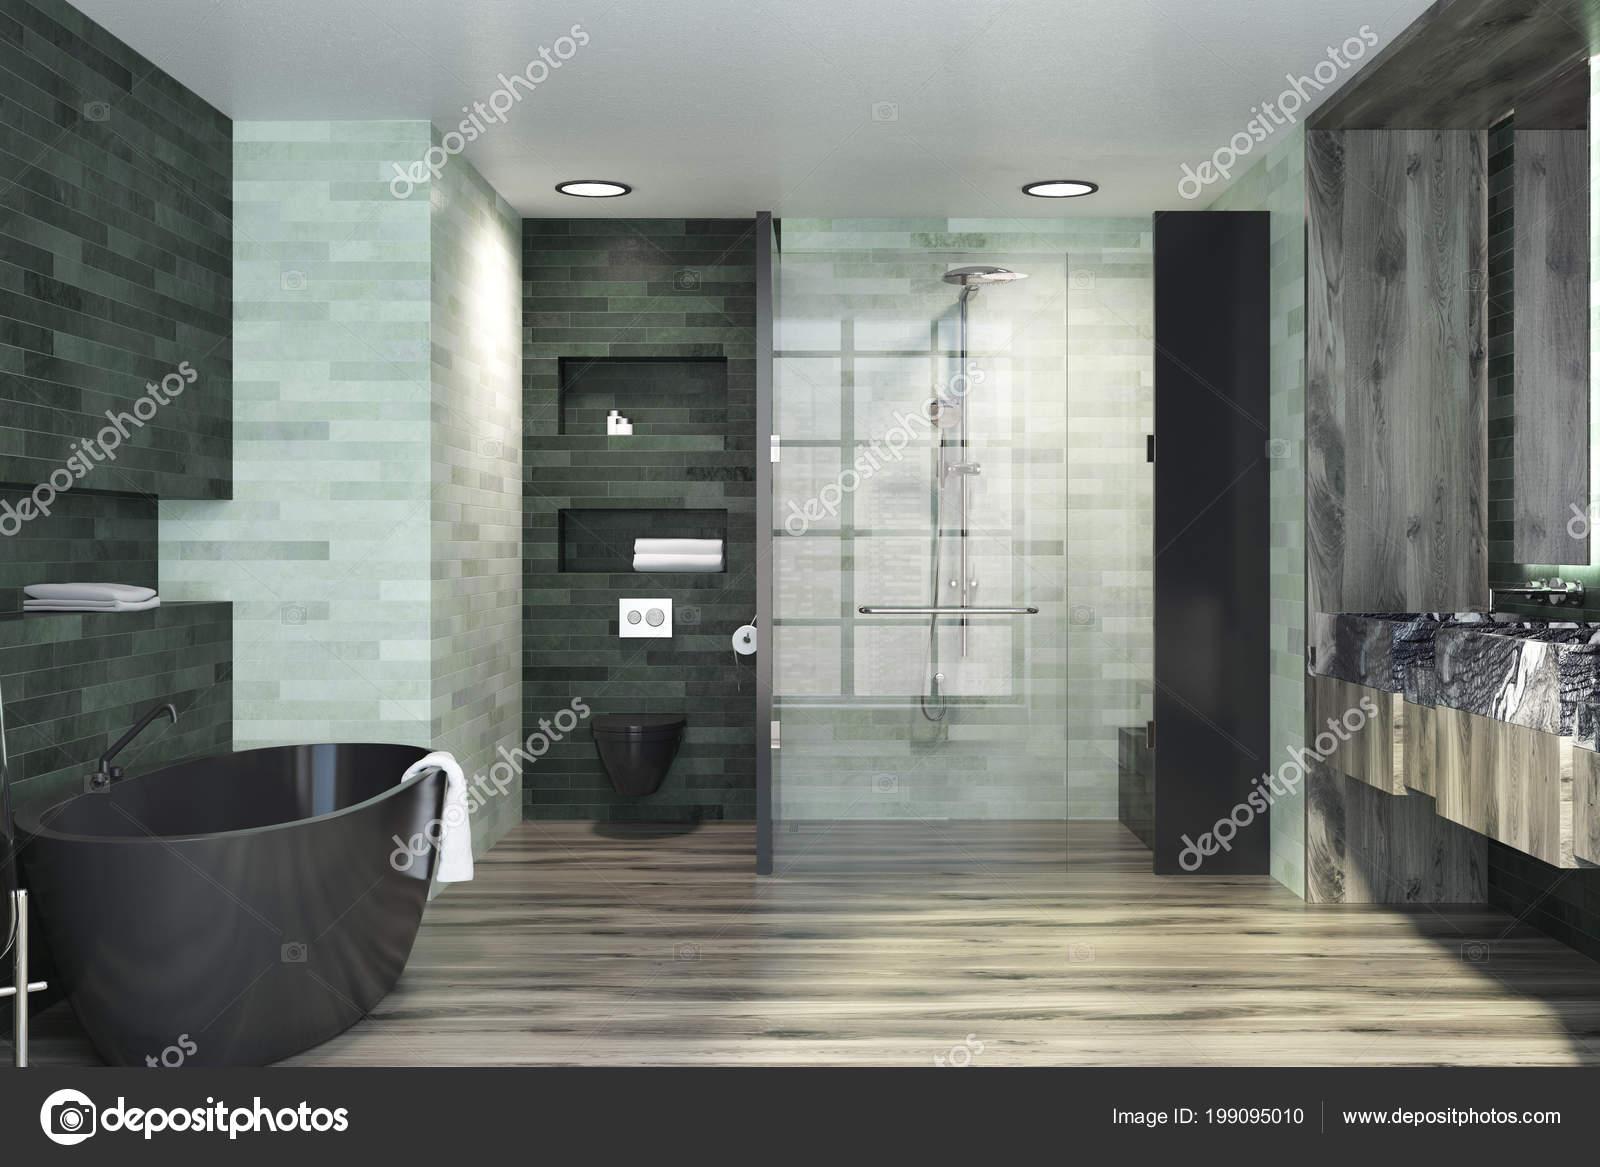 Luxus Badezimmer Interieur Mit Smaragd Und Weiße Wände Einen ...